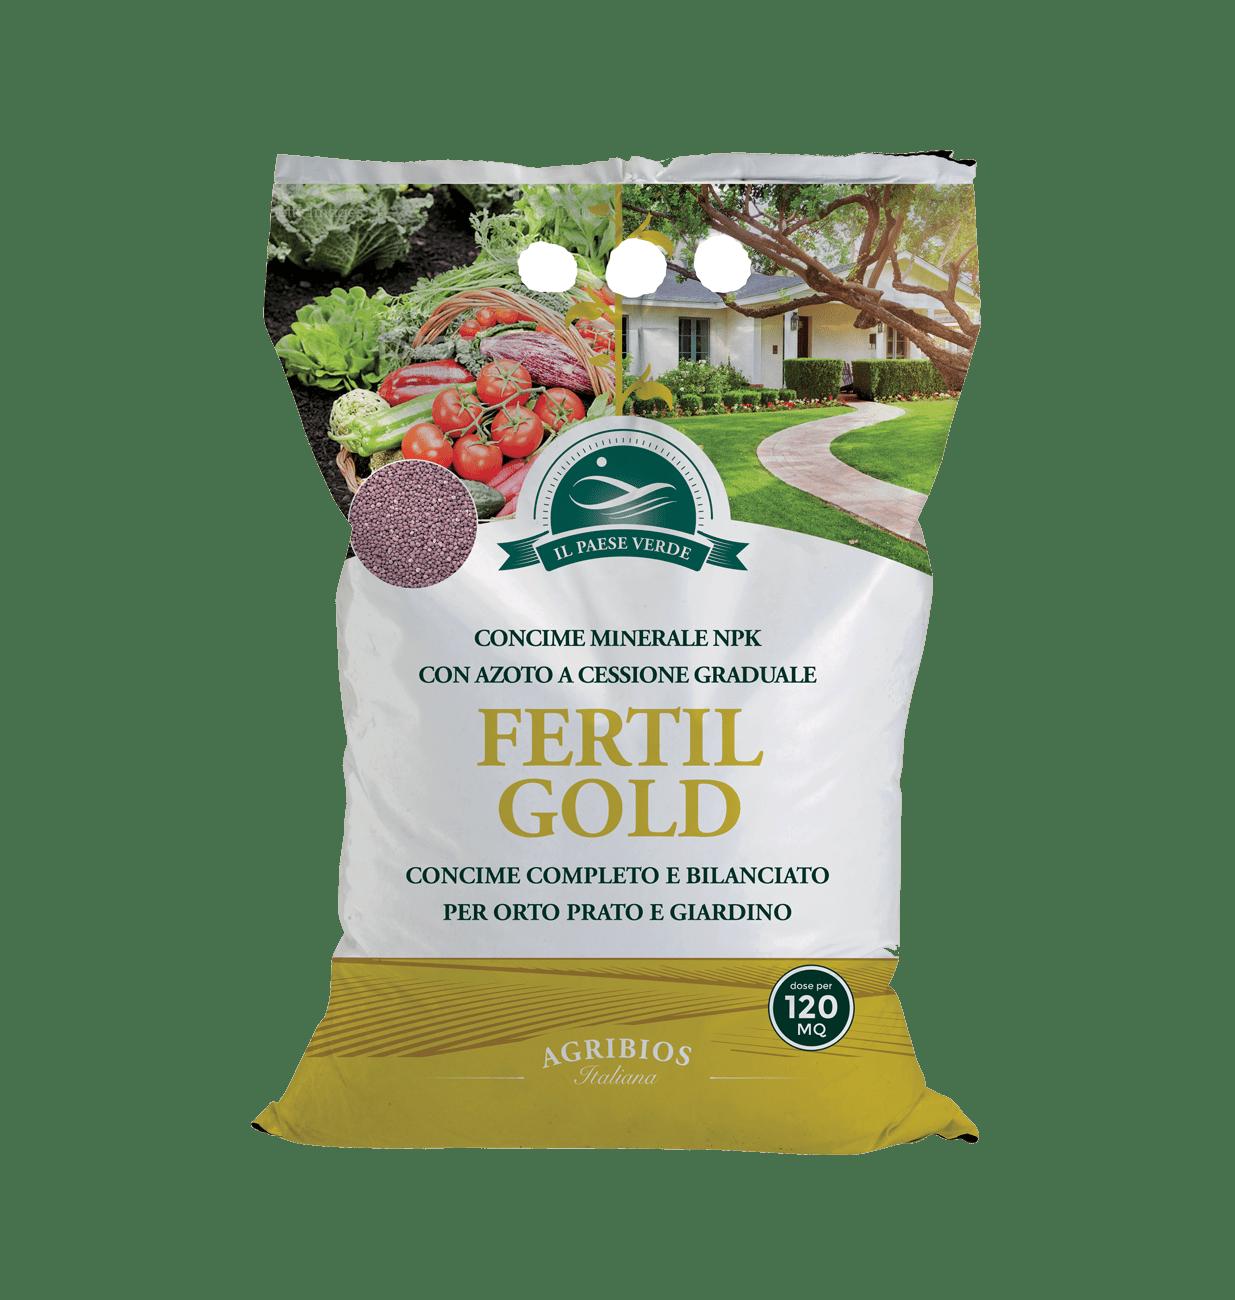 Fertilgold - concime granulare 4kg